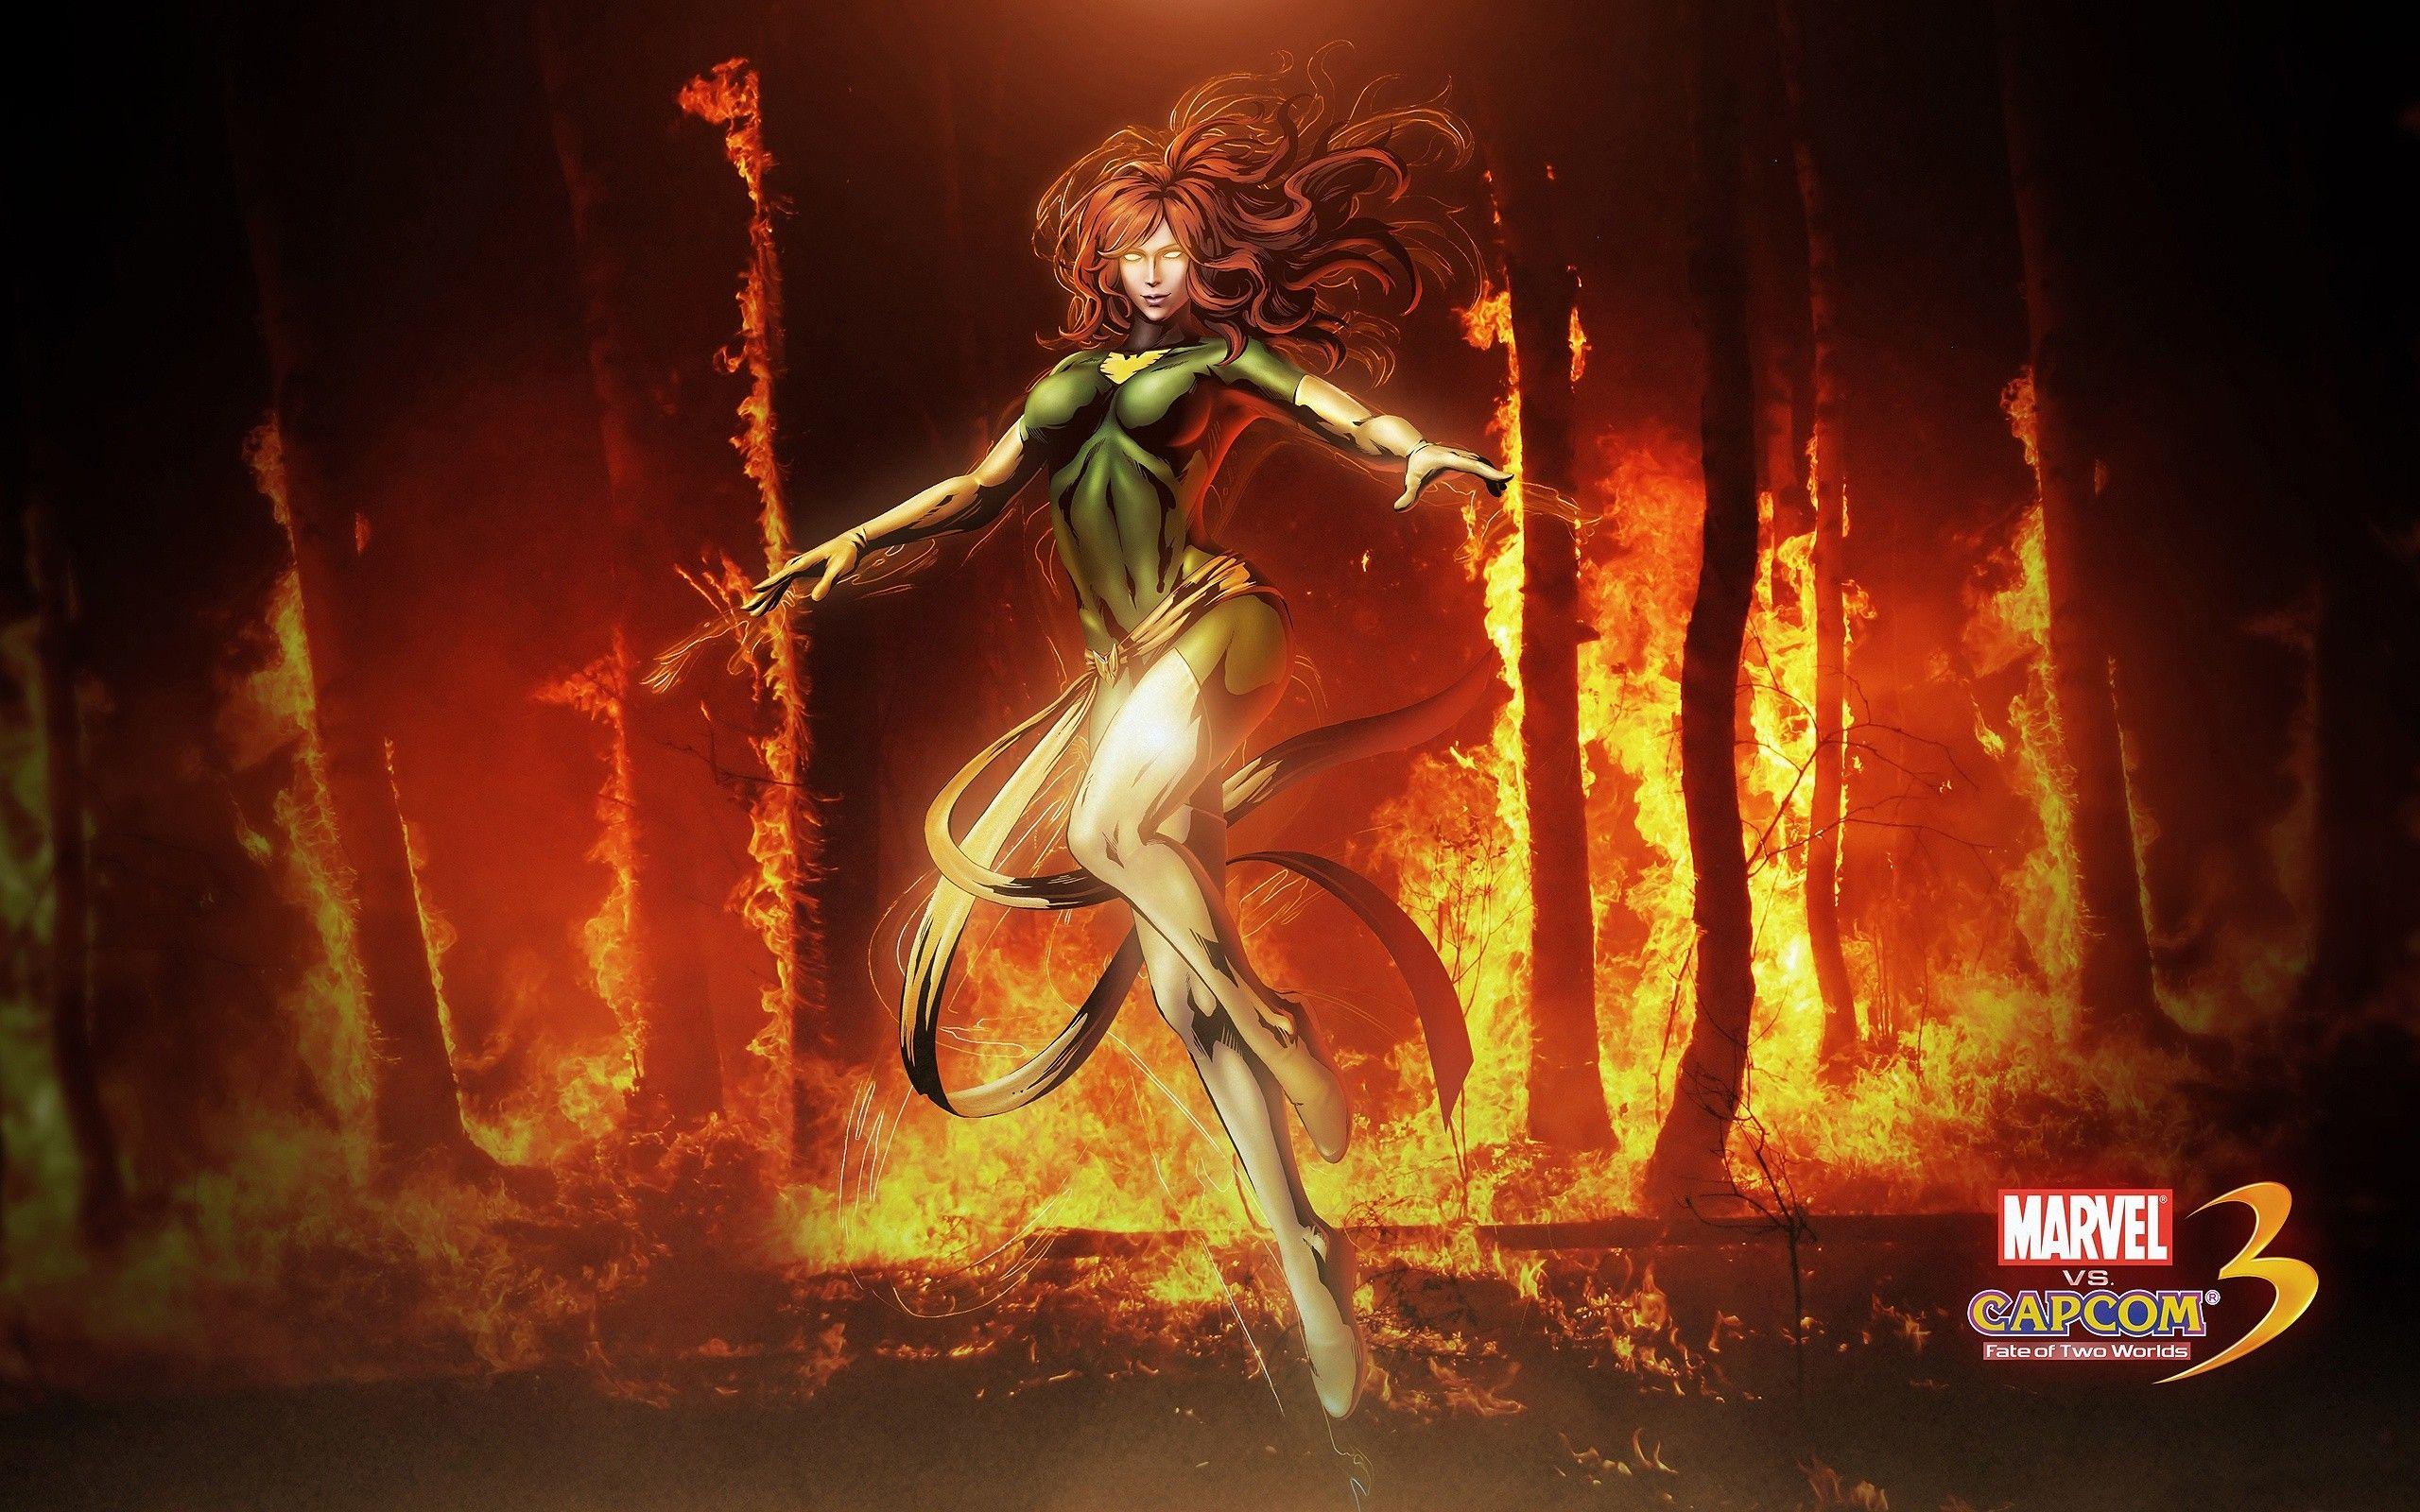 General 2560x1600 Marvel Vs Capcom 3 Jean Grey X Men Phoenix